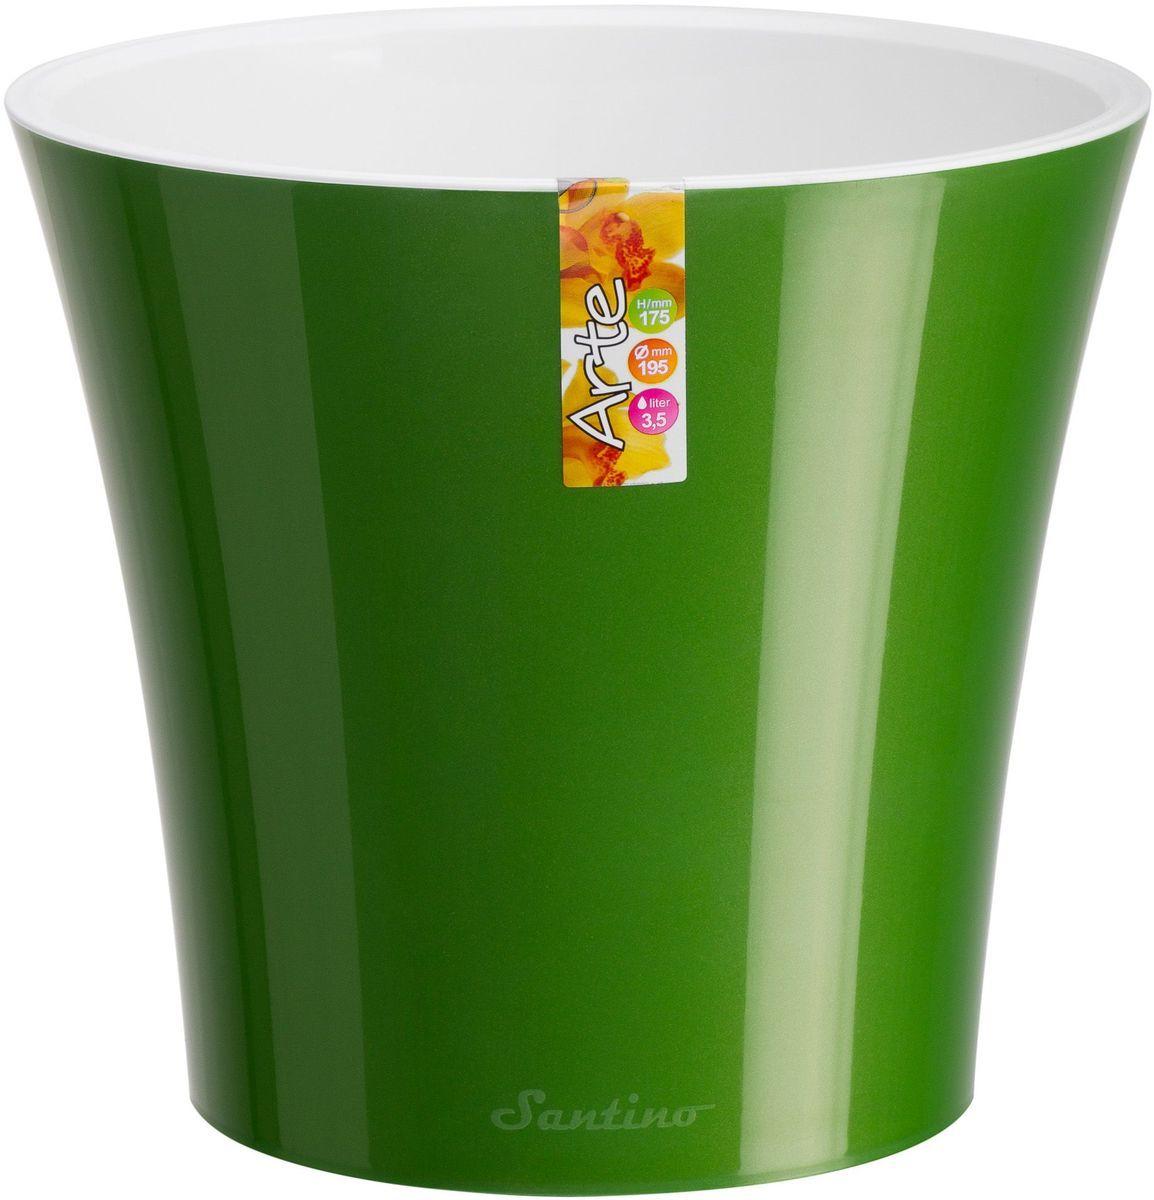 Горшок цветочный Santino Арте, двойной, с системой автополива, цвет: зеленое золото, белый, 2 лАРТ 2 ЗЗ-БСистем автополива - гарантия здоровья ваших цветов. Экономия времени - решение для самых занятых. Чистота и удобство - нет протекания воды при поливе. Здоровые корини - нет застаивания корней в воде. Оптимальный рост - корни обеспечены циркуляцией воздуха.